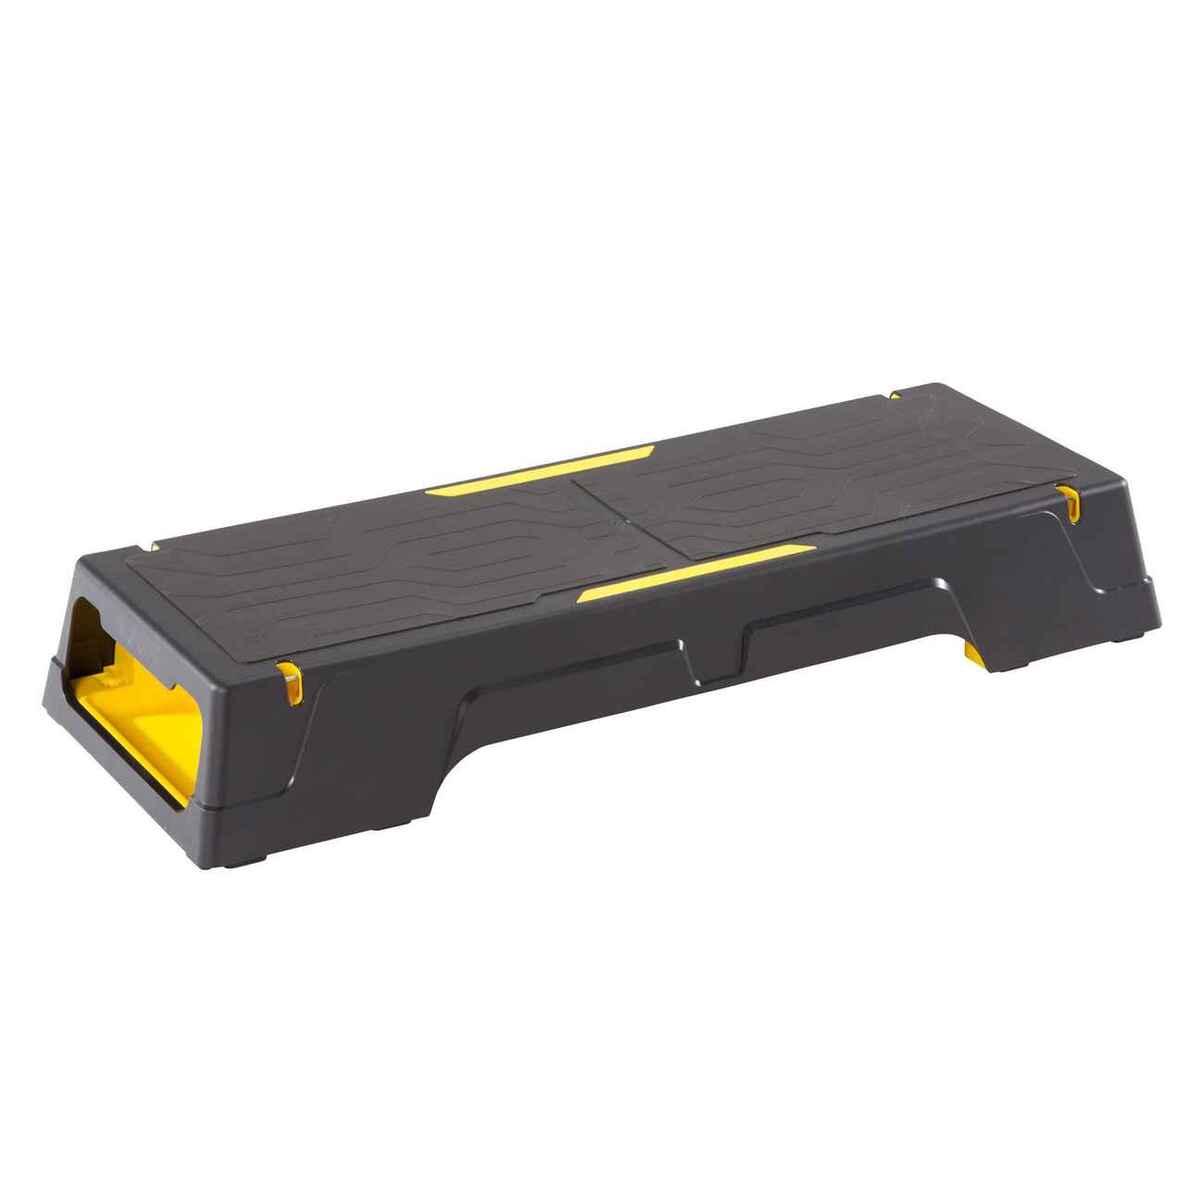 Bild 1 von Stepbank, Step Komfort schwarz/gelb